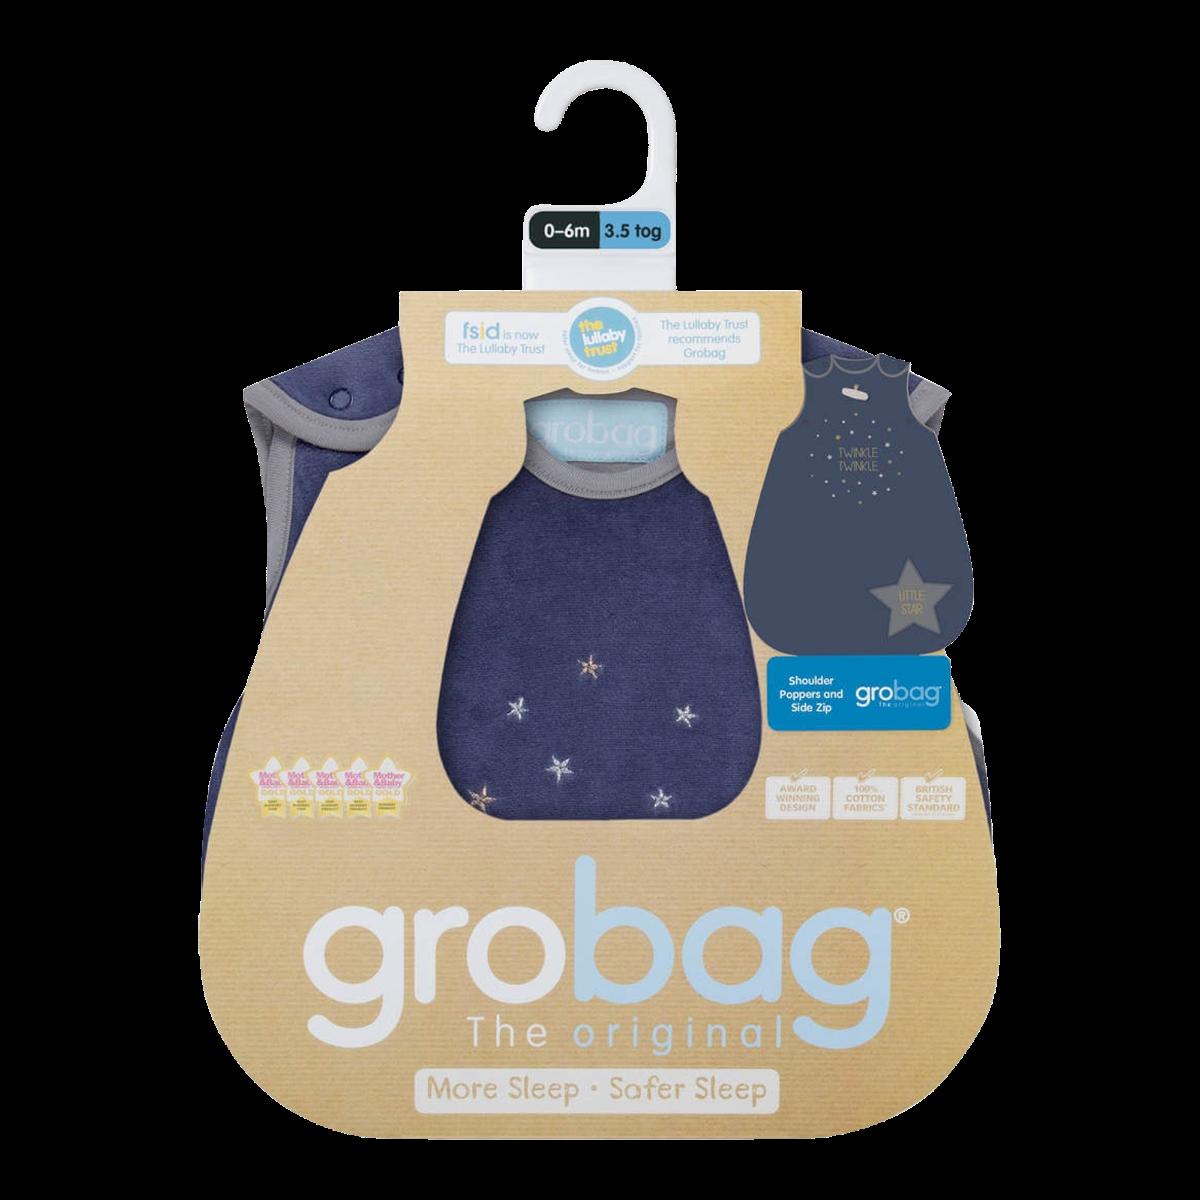 blue-twinkle-twinkle-gro-bag-3.5-tog-in-packaging